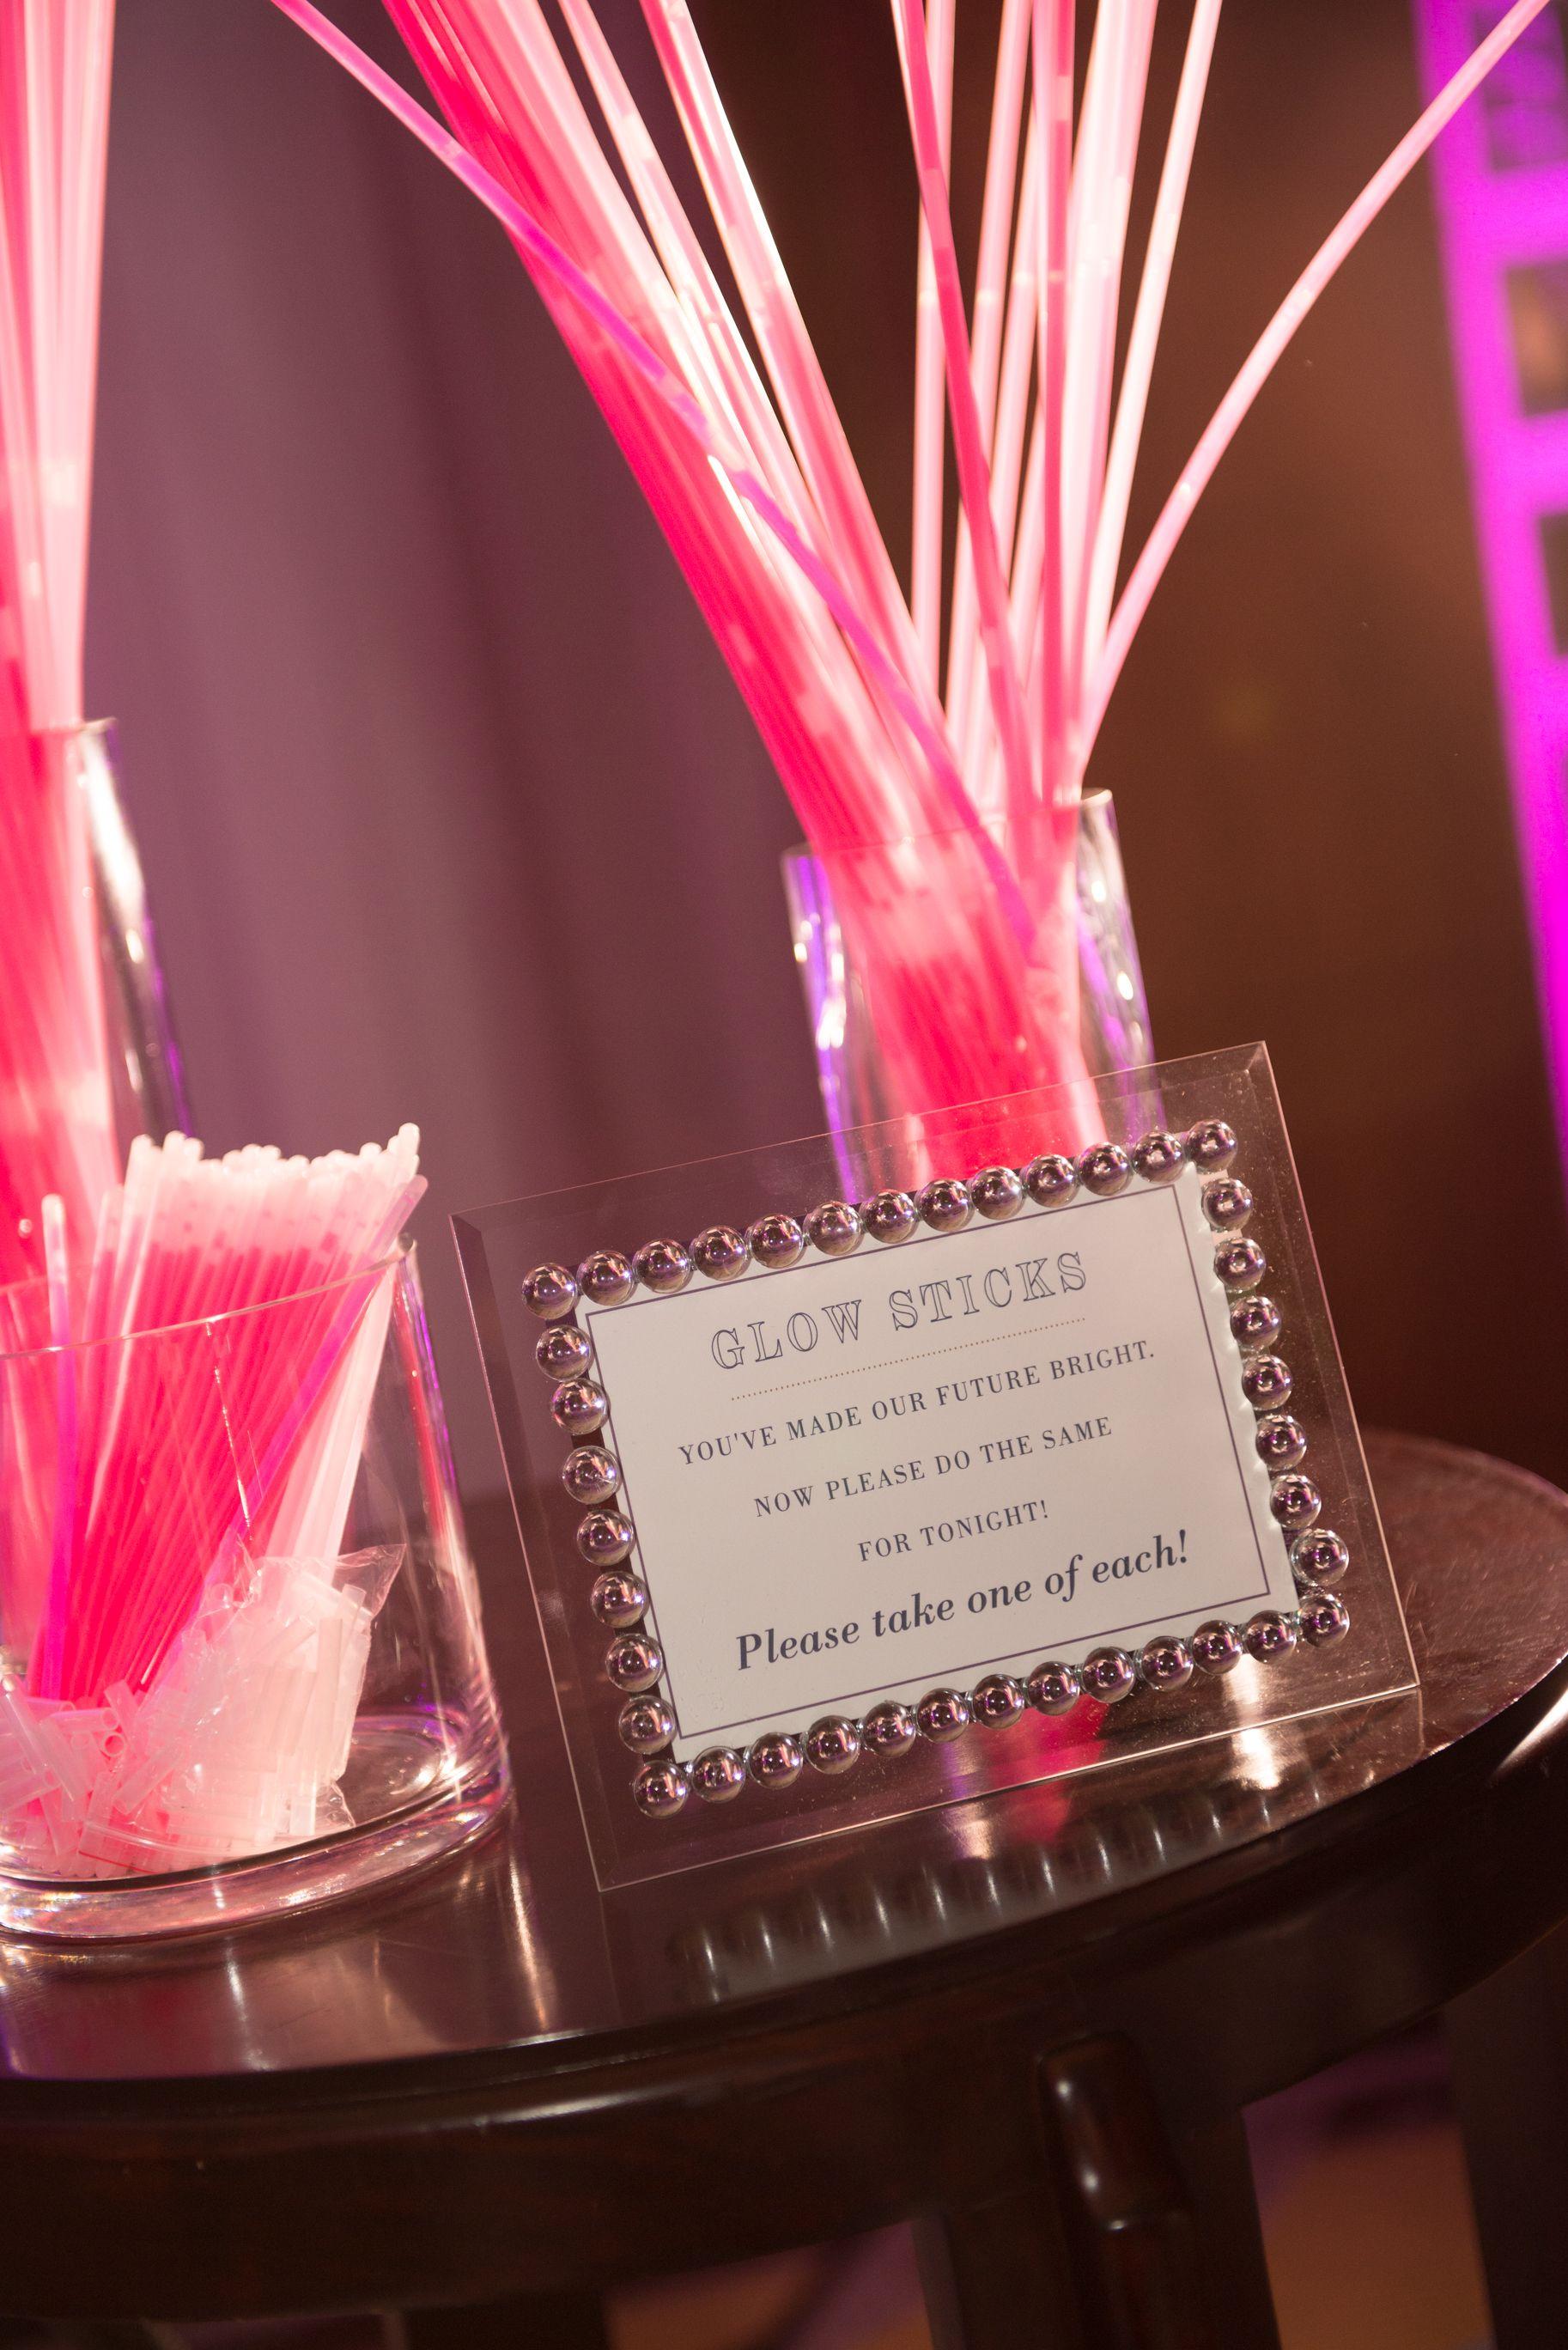 Purple Wedding Glow Sticks & Sign Glow stick wedding